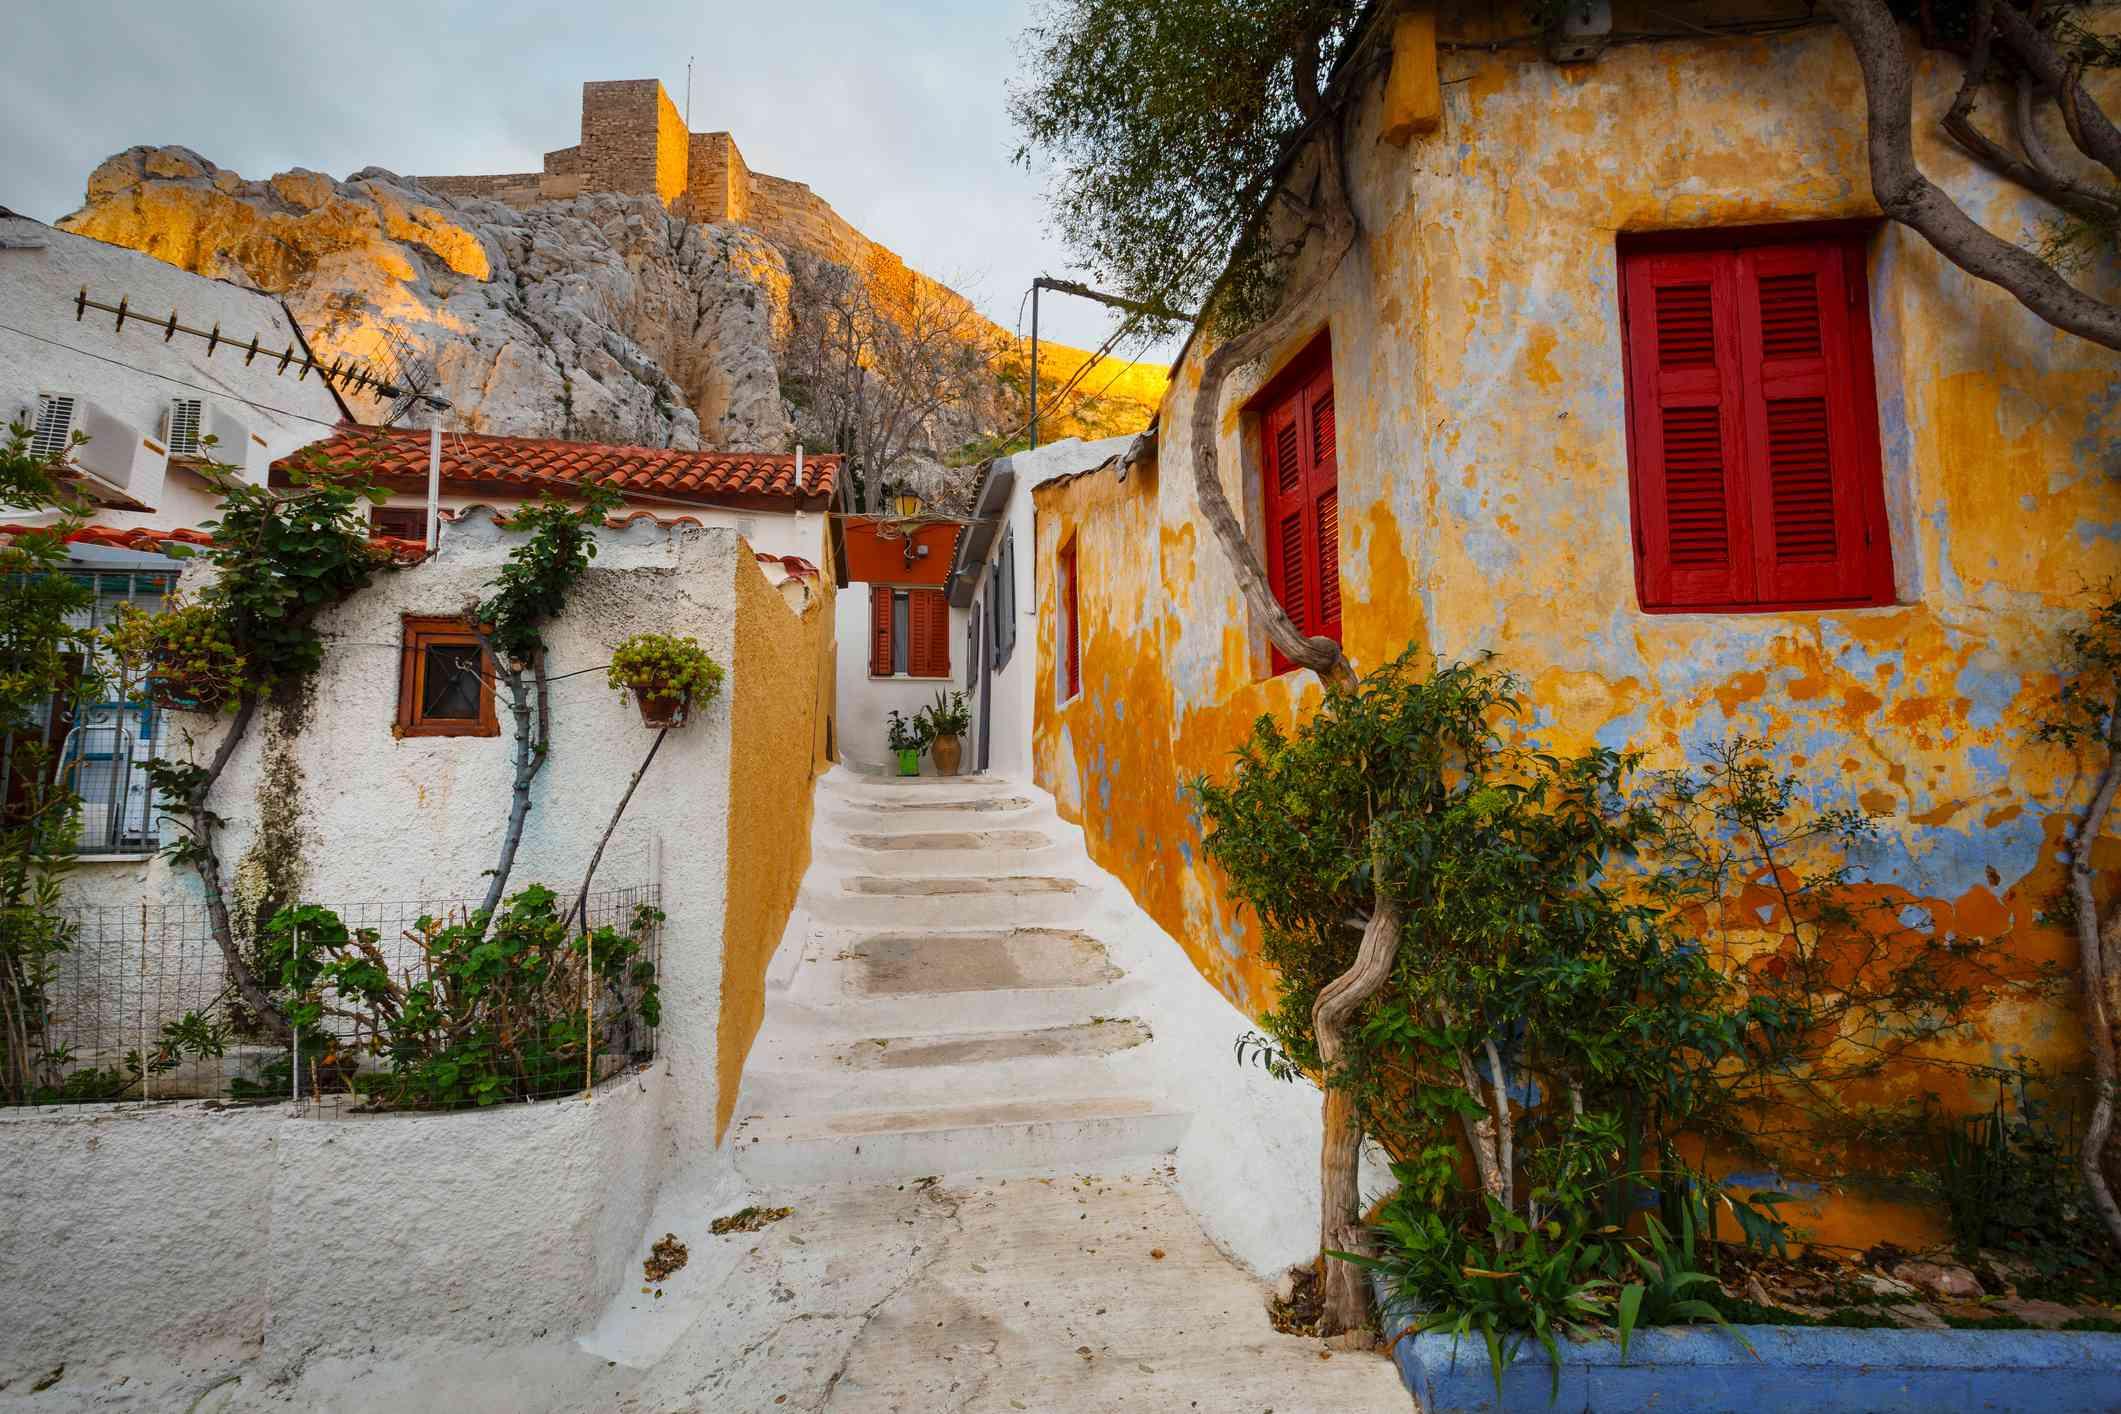 Casas de la Isla al costado de la Colina de la Acrópolis